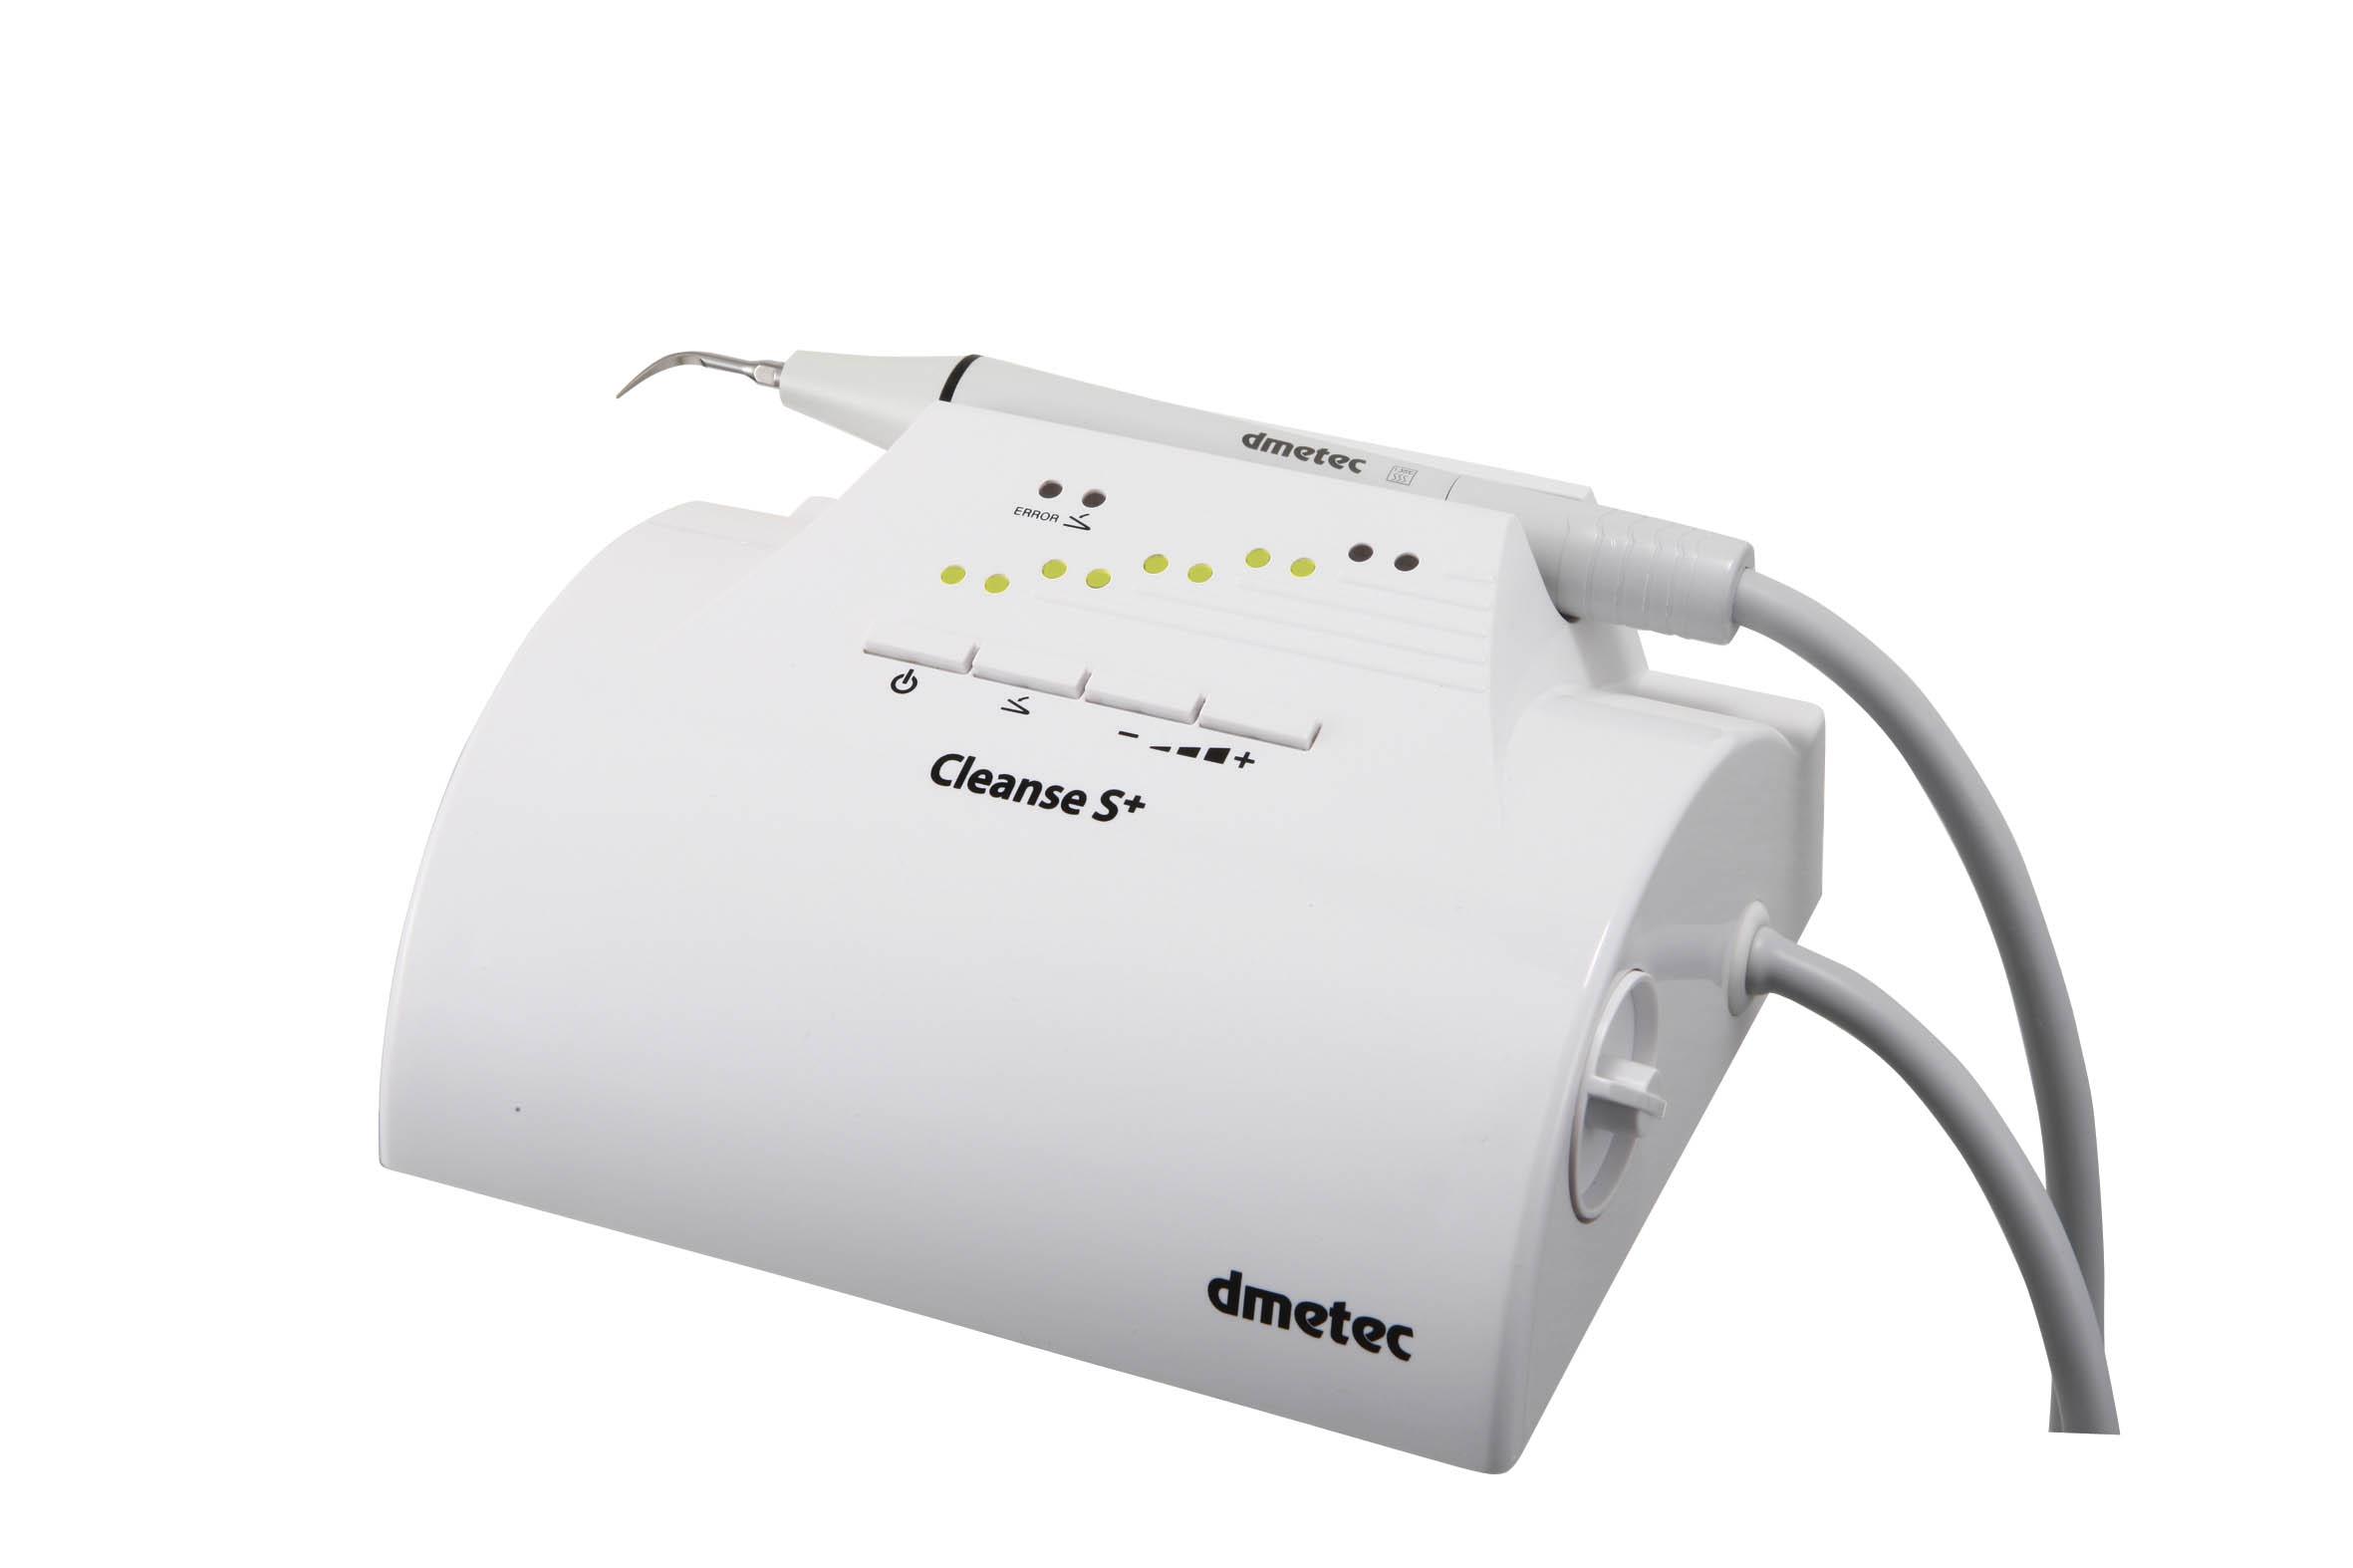 Dental Equipment, Ultrasonic Scaler CLEANSE S+